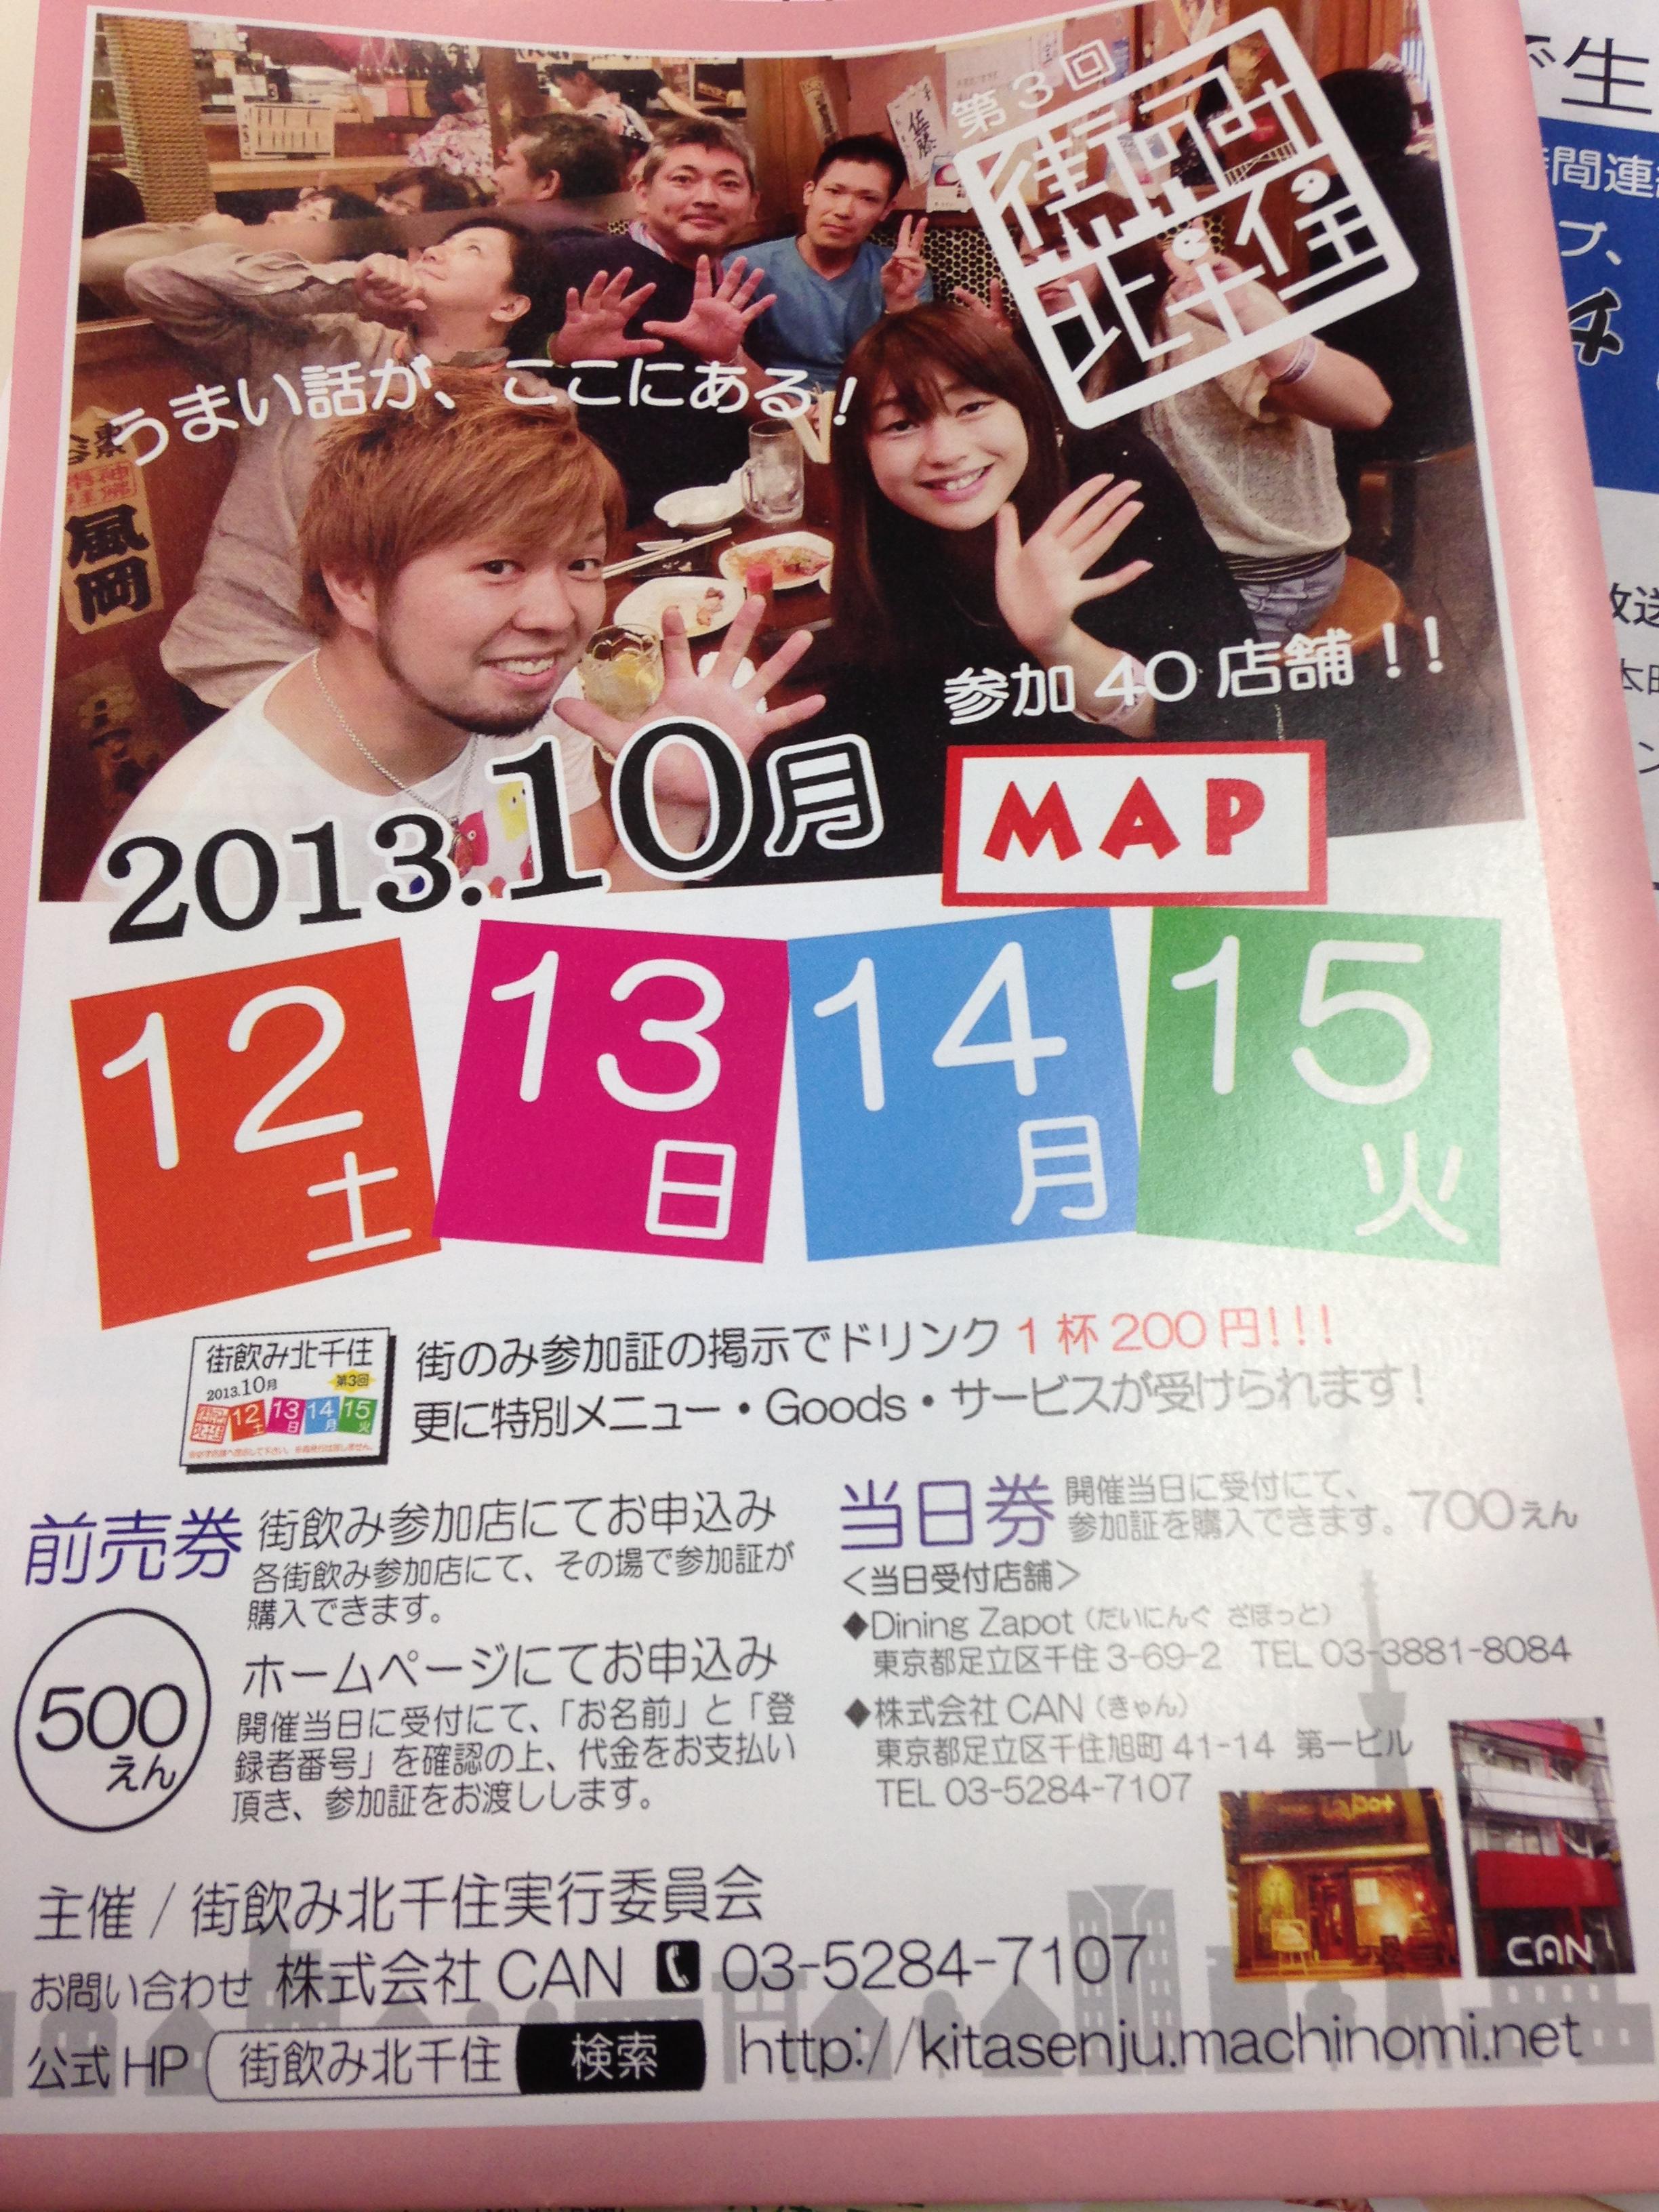 第3回街のみ北千住開催!!10月12日~15日!!